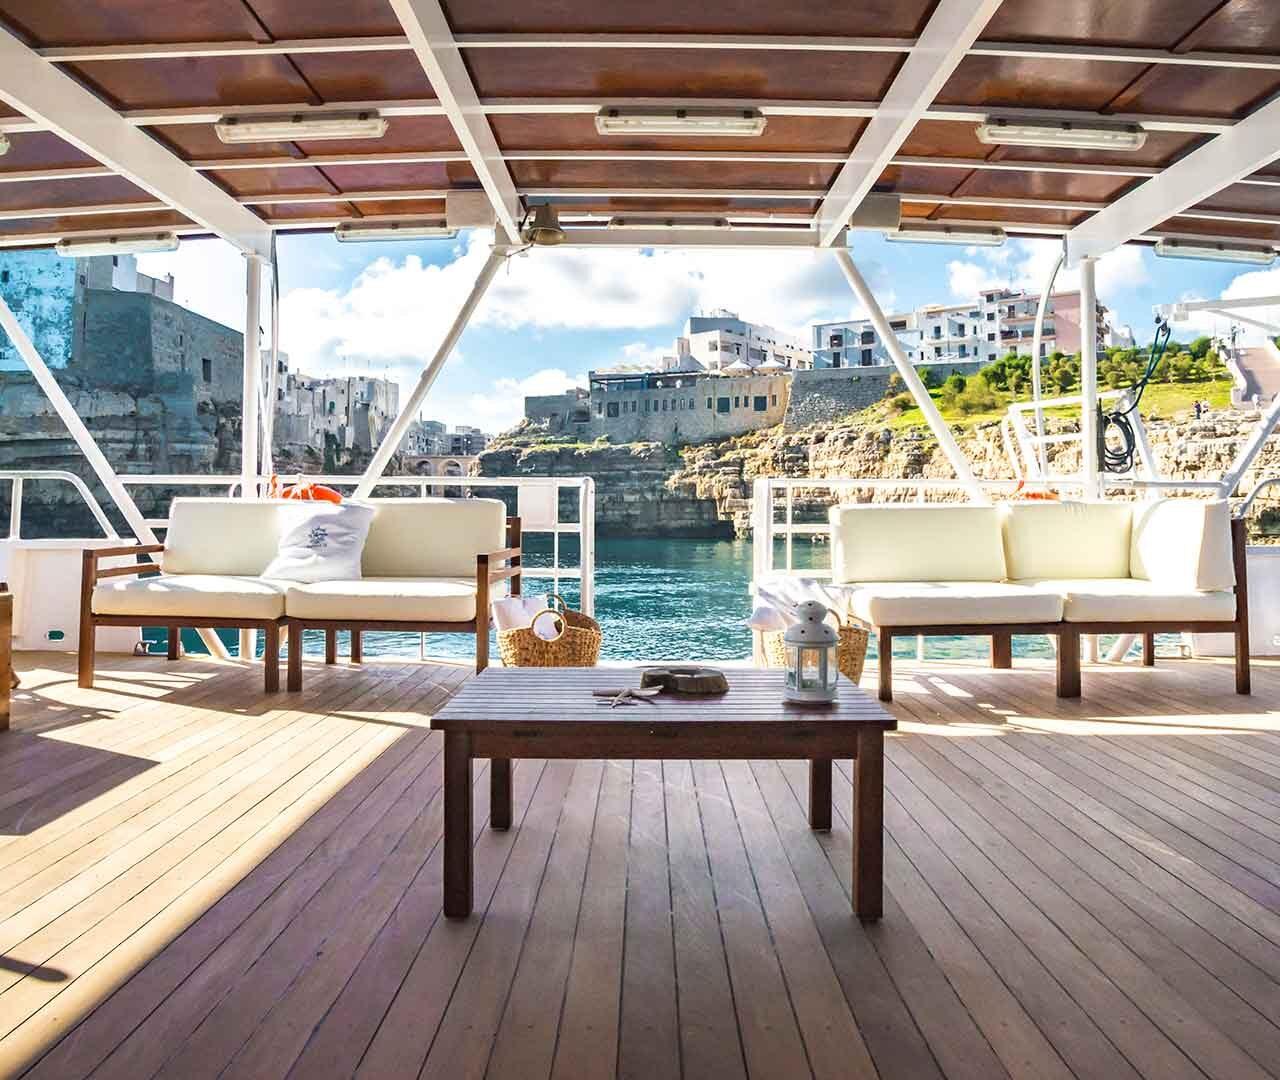 seaward-catamarano-escursione-monopoli-polignano2